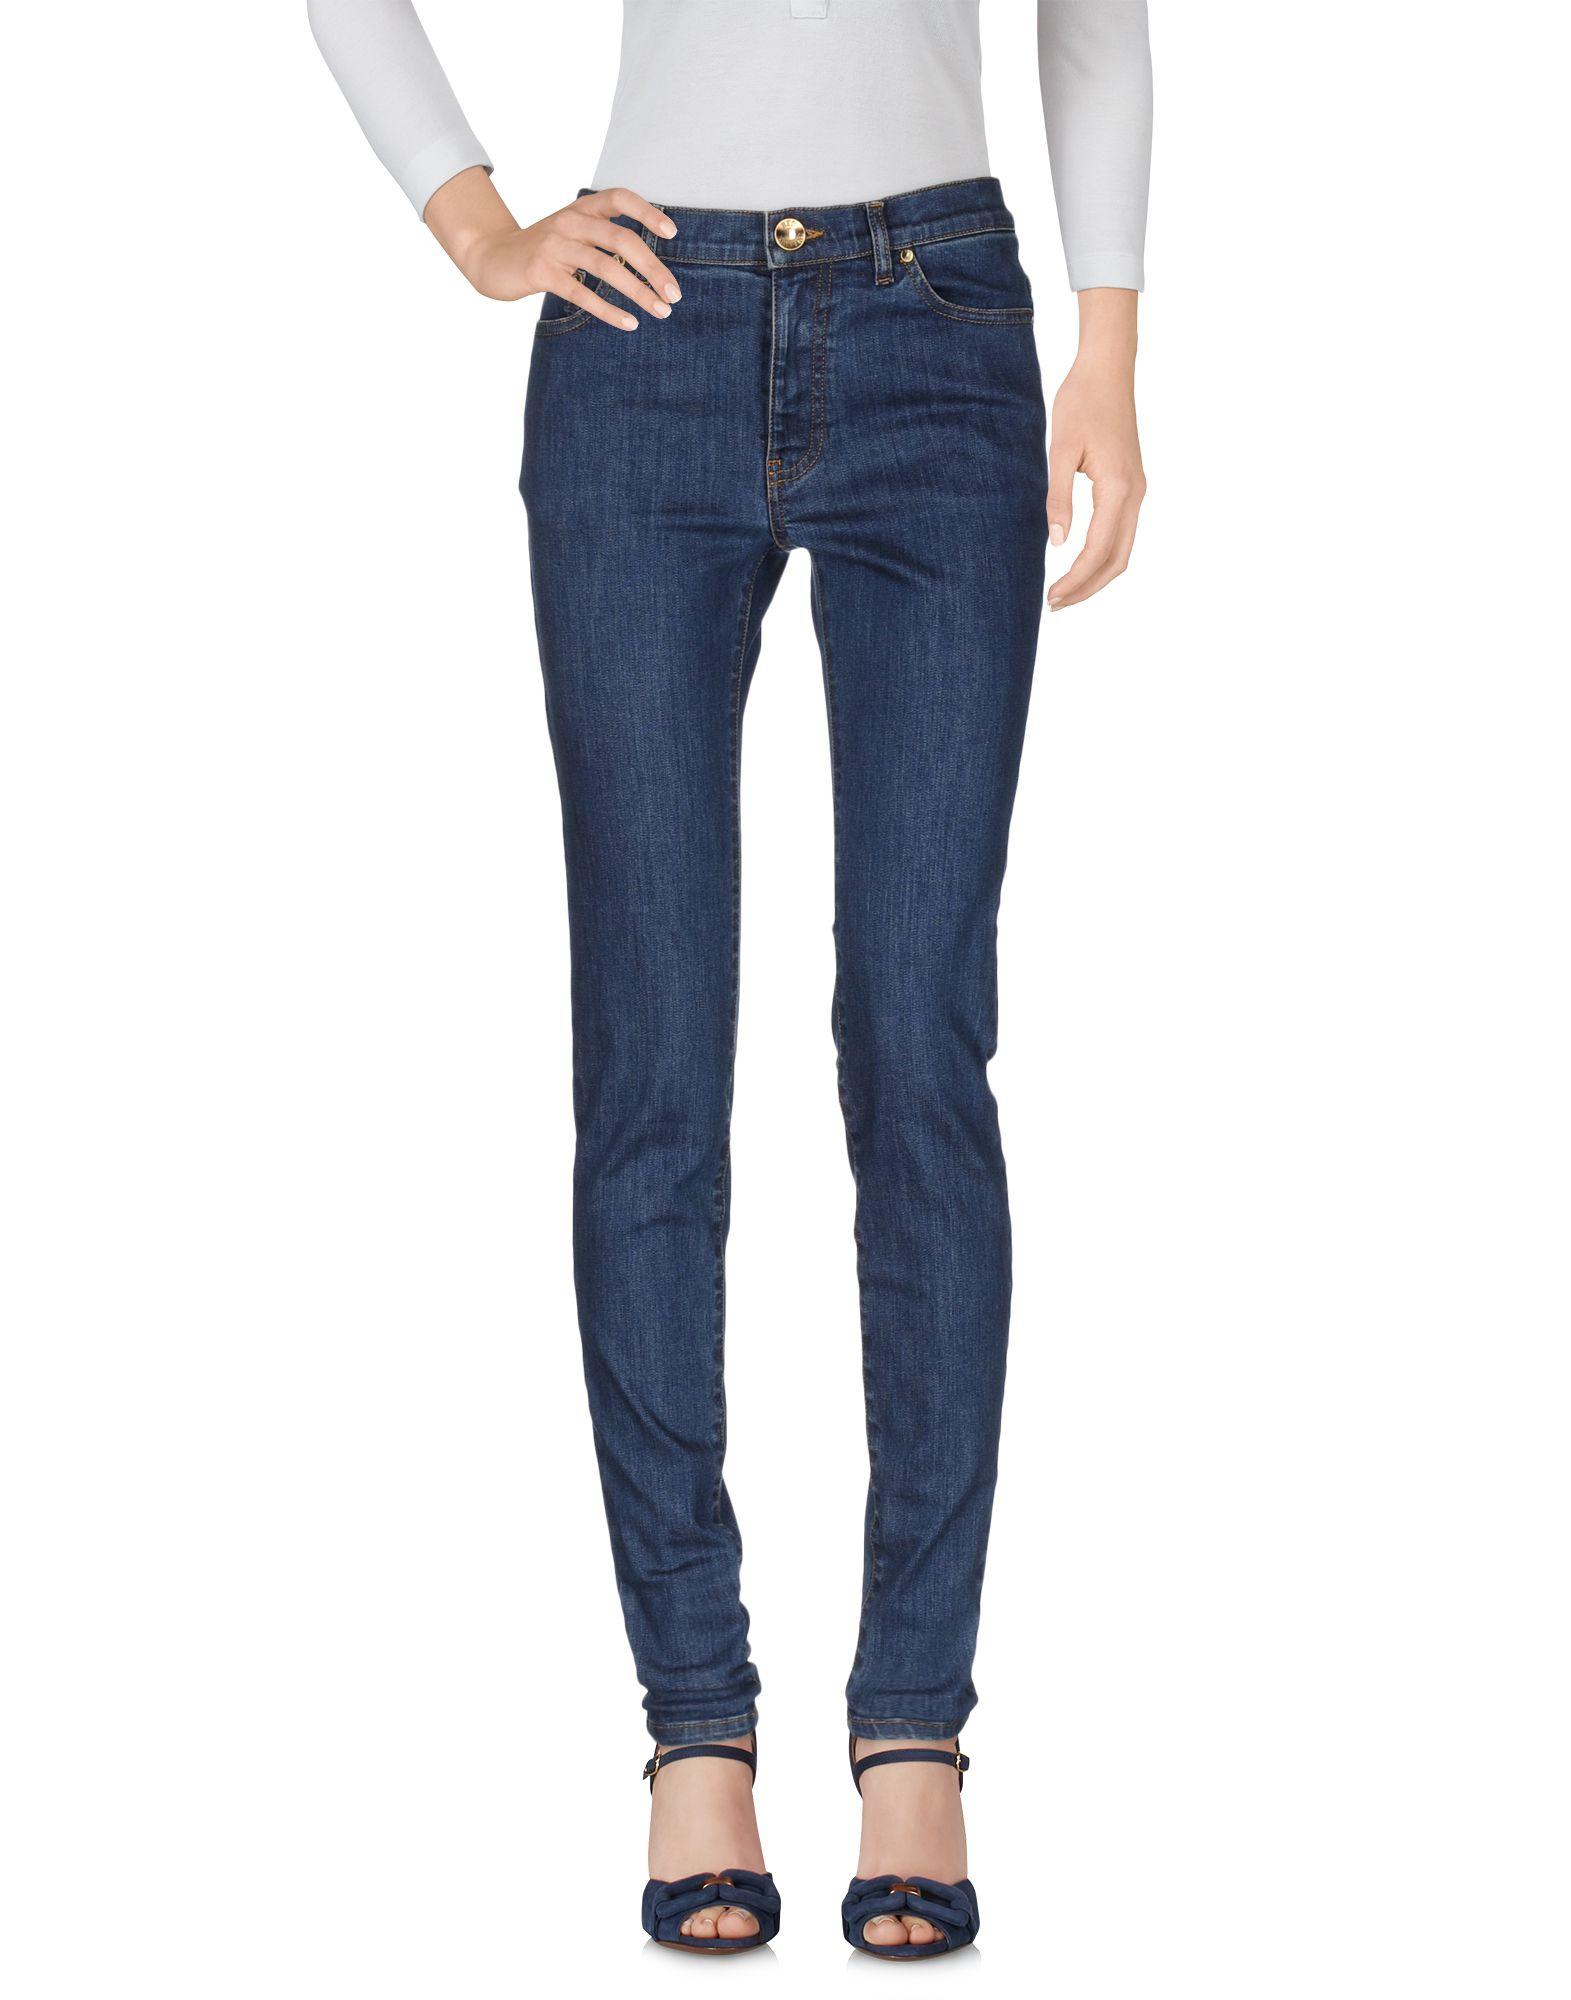 Pantaloni Jeans Redvalentino Donna - Acquista online su YUHZeBw2